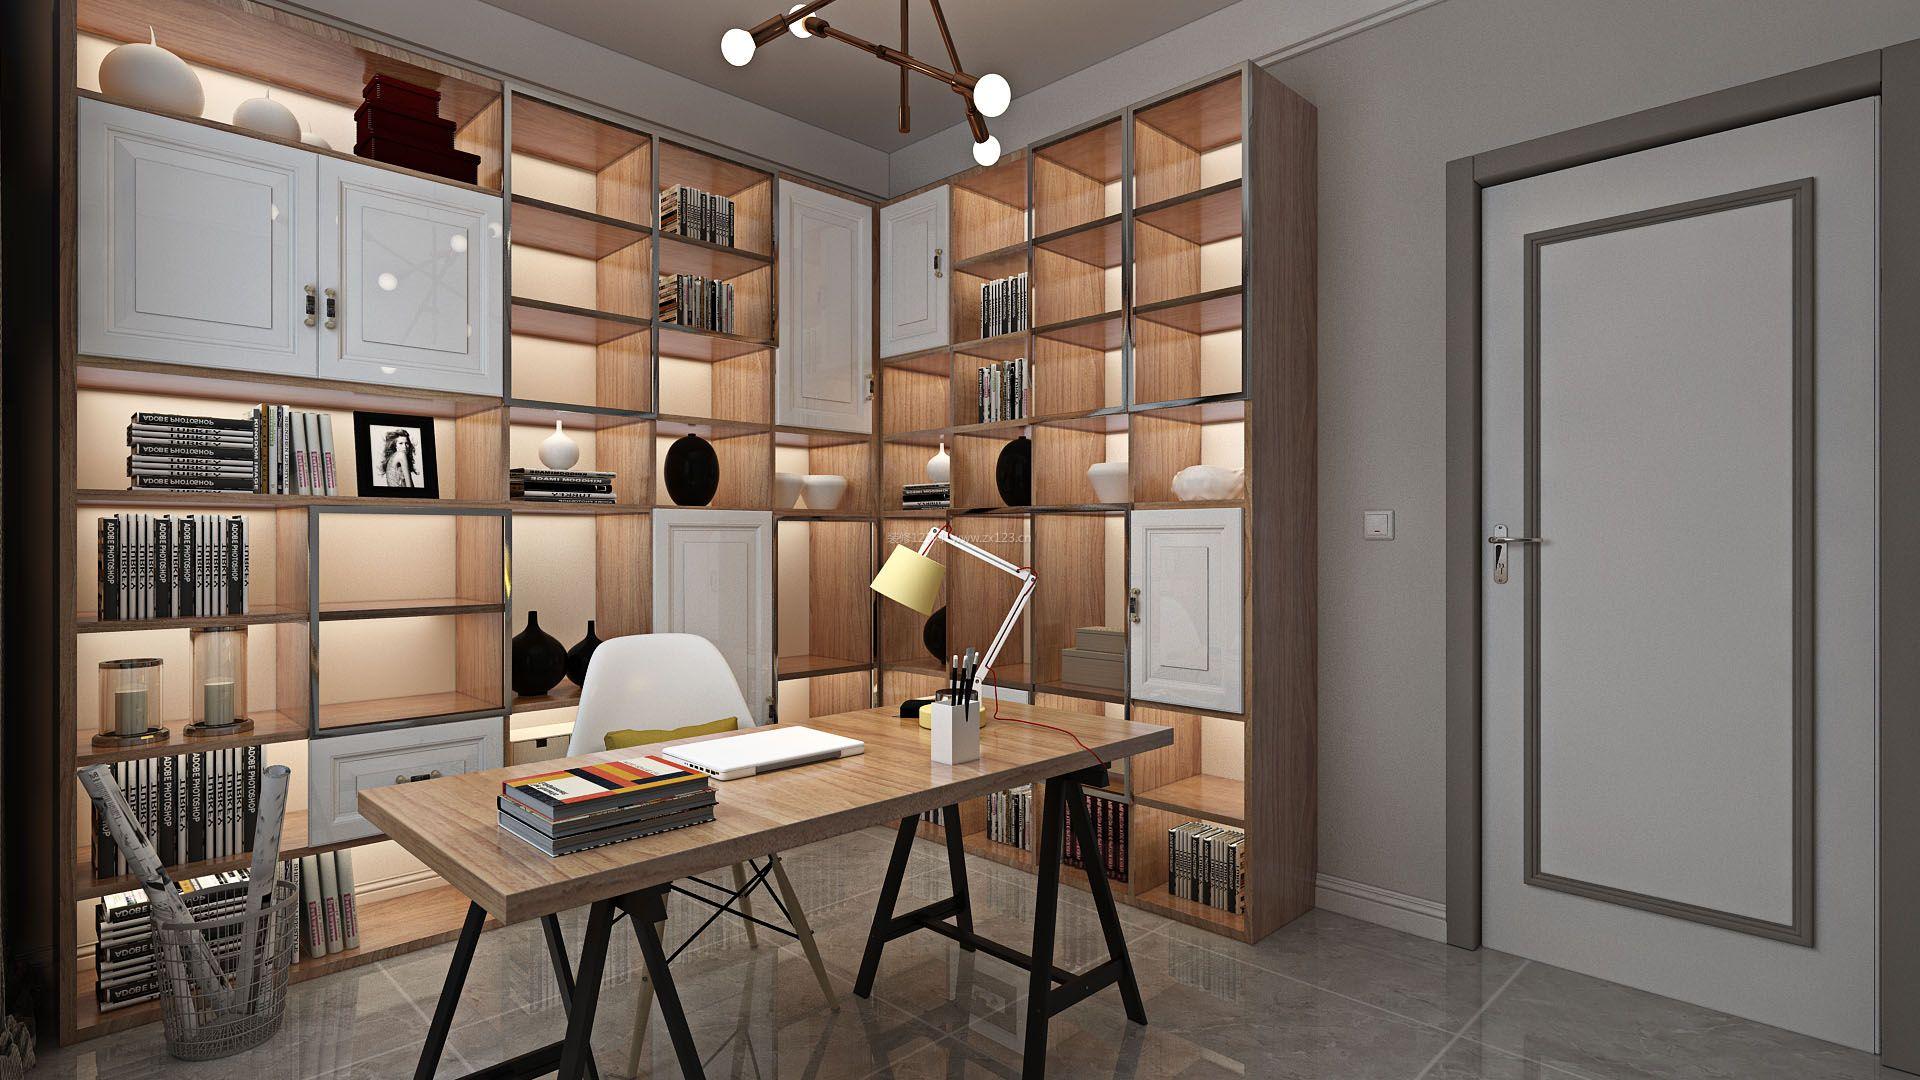 2018普通书房简约开放式书柜装修效果图片图片